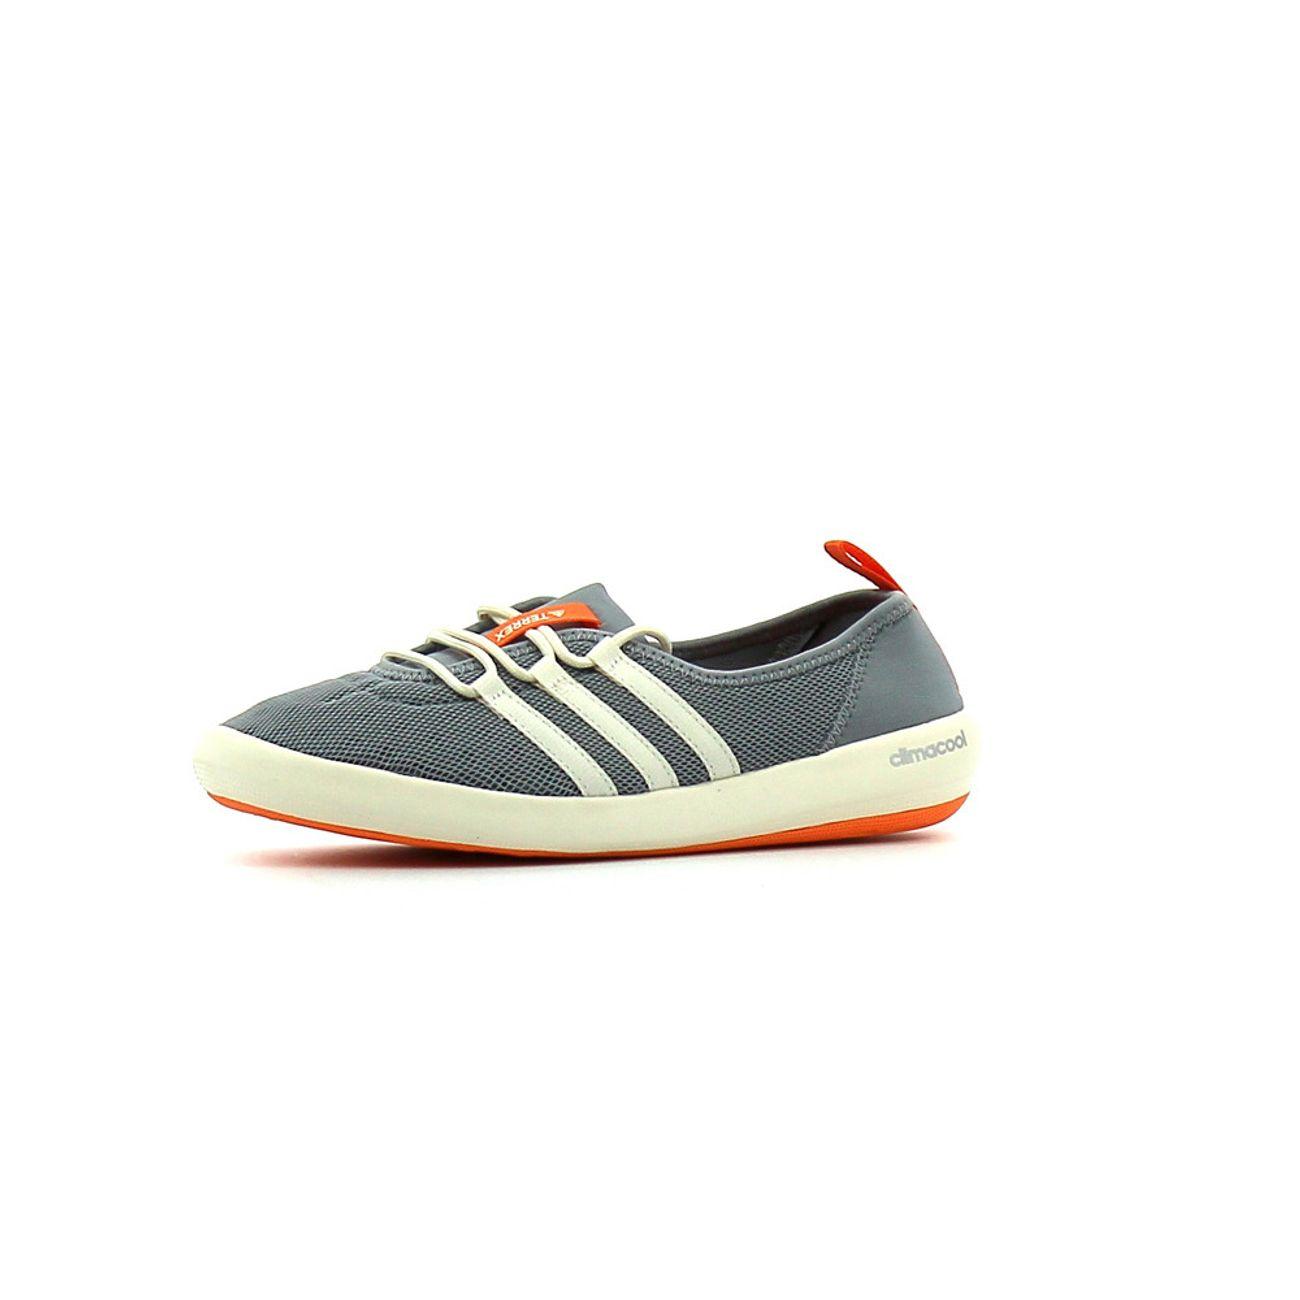 Chaussures de randonnée Adidas Performance Terrex CC Boat